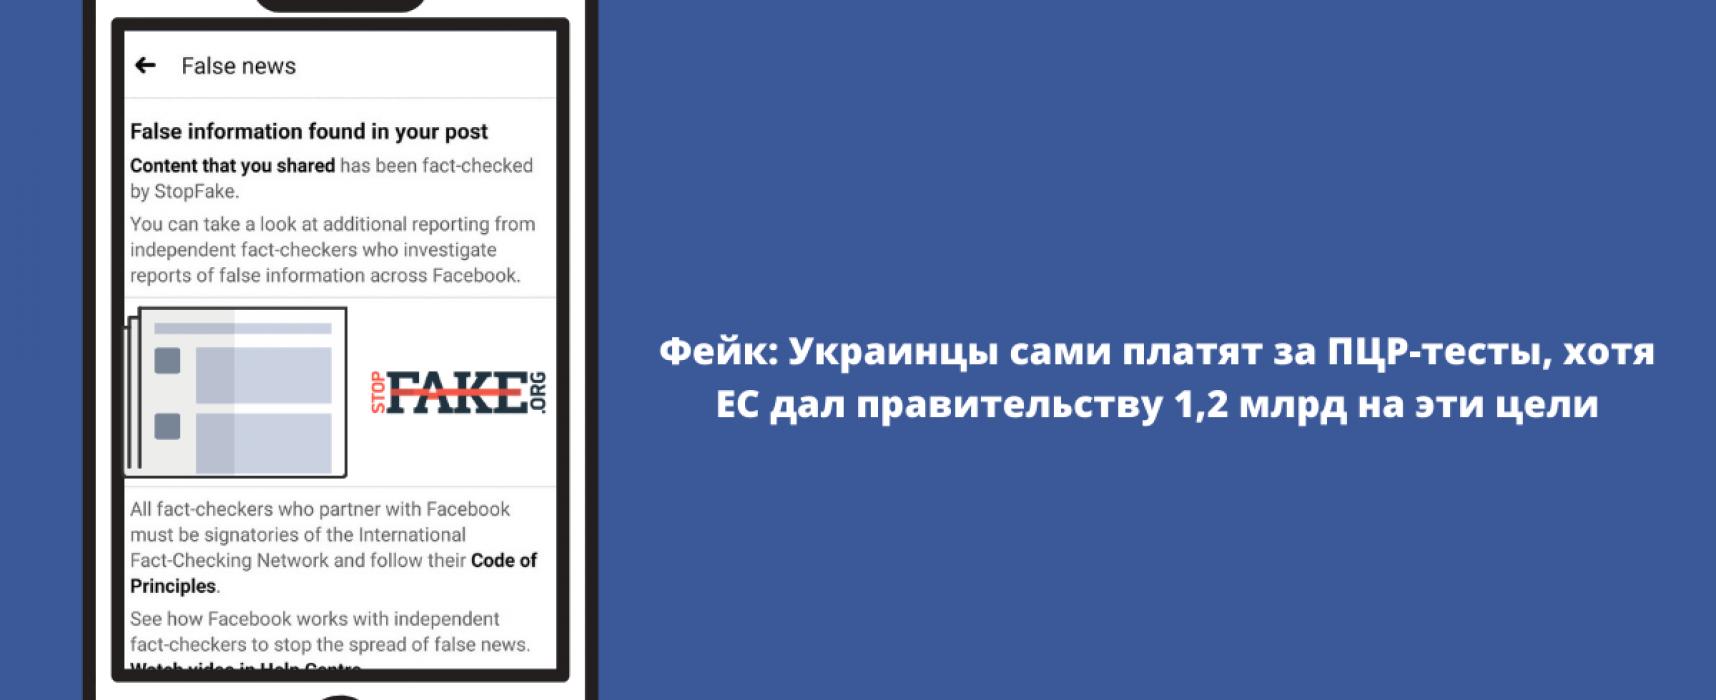 Фейк: Украинцы сами платят за ПЦР-тесты, хотя ЕС дал правительству 1,2 млрд на эти цели